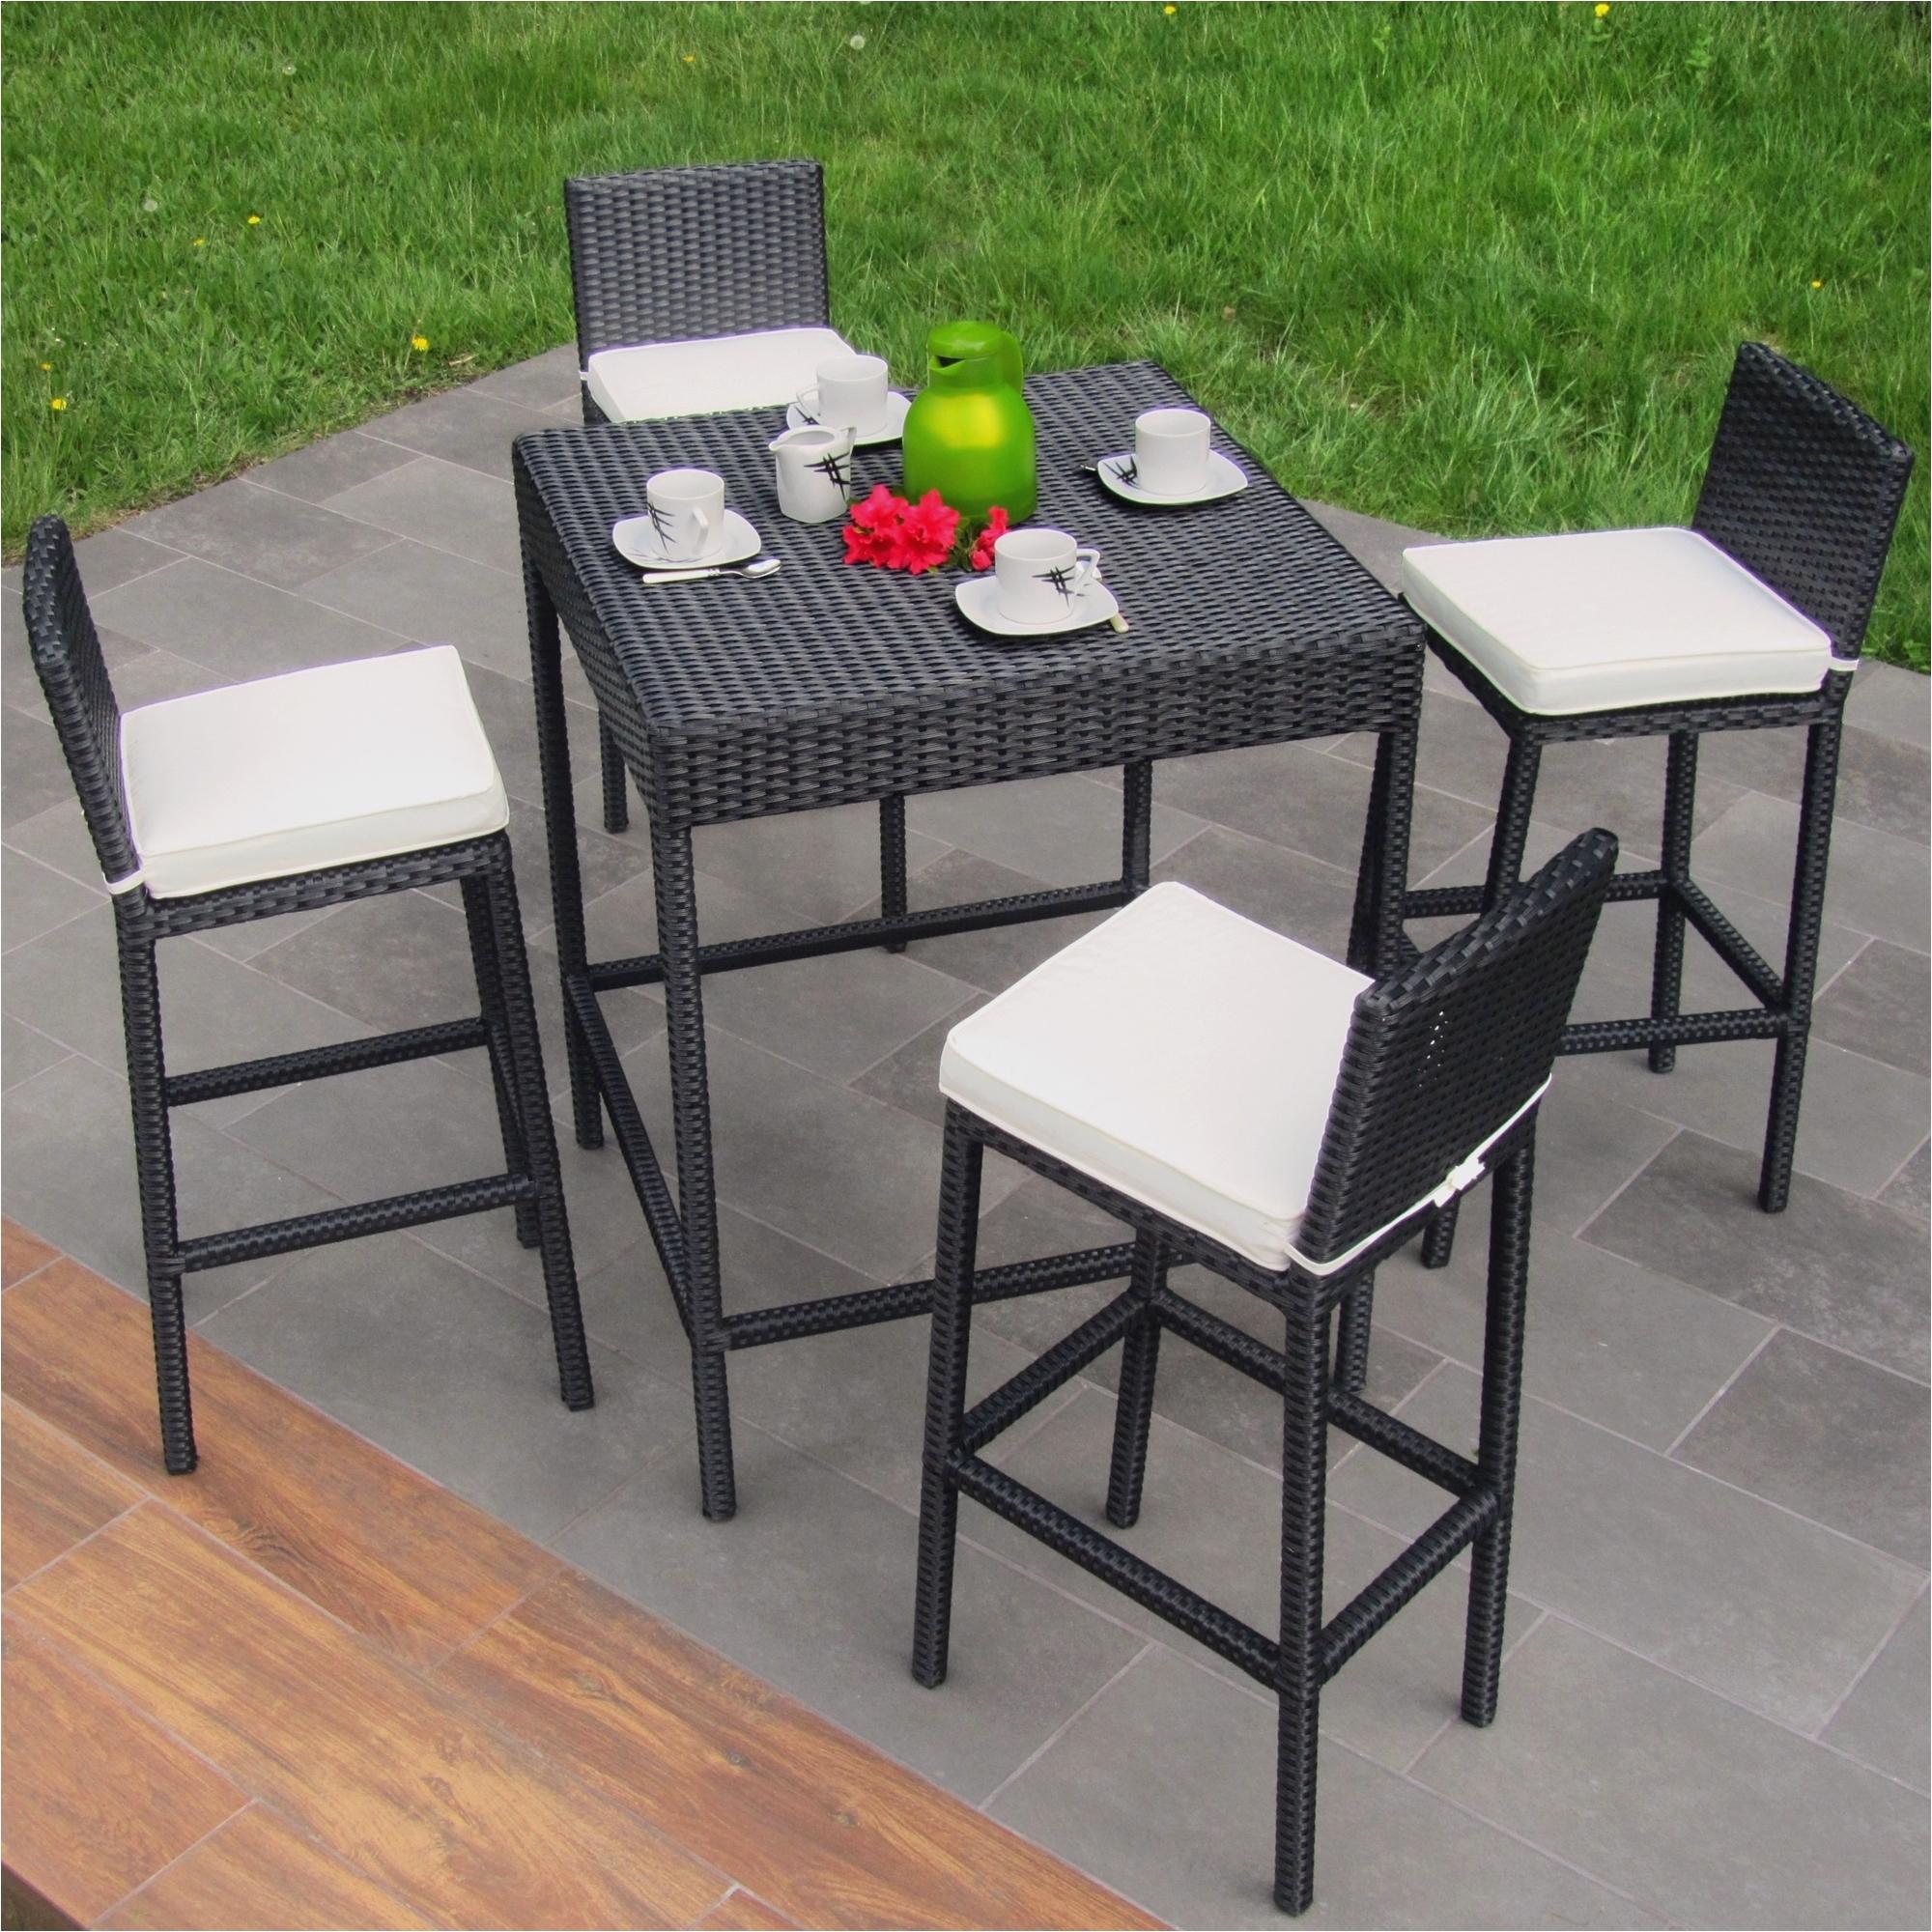 Table Pliante Carrefour Meilleur De Photographie Table De Jardin Pliante Carrefour Frais Joli Chaise Longue Carrefour